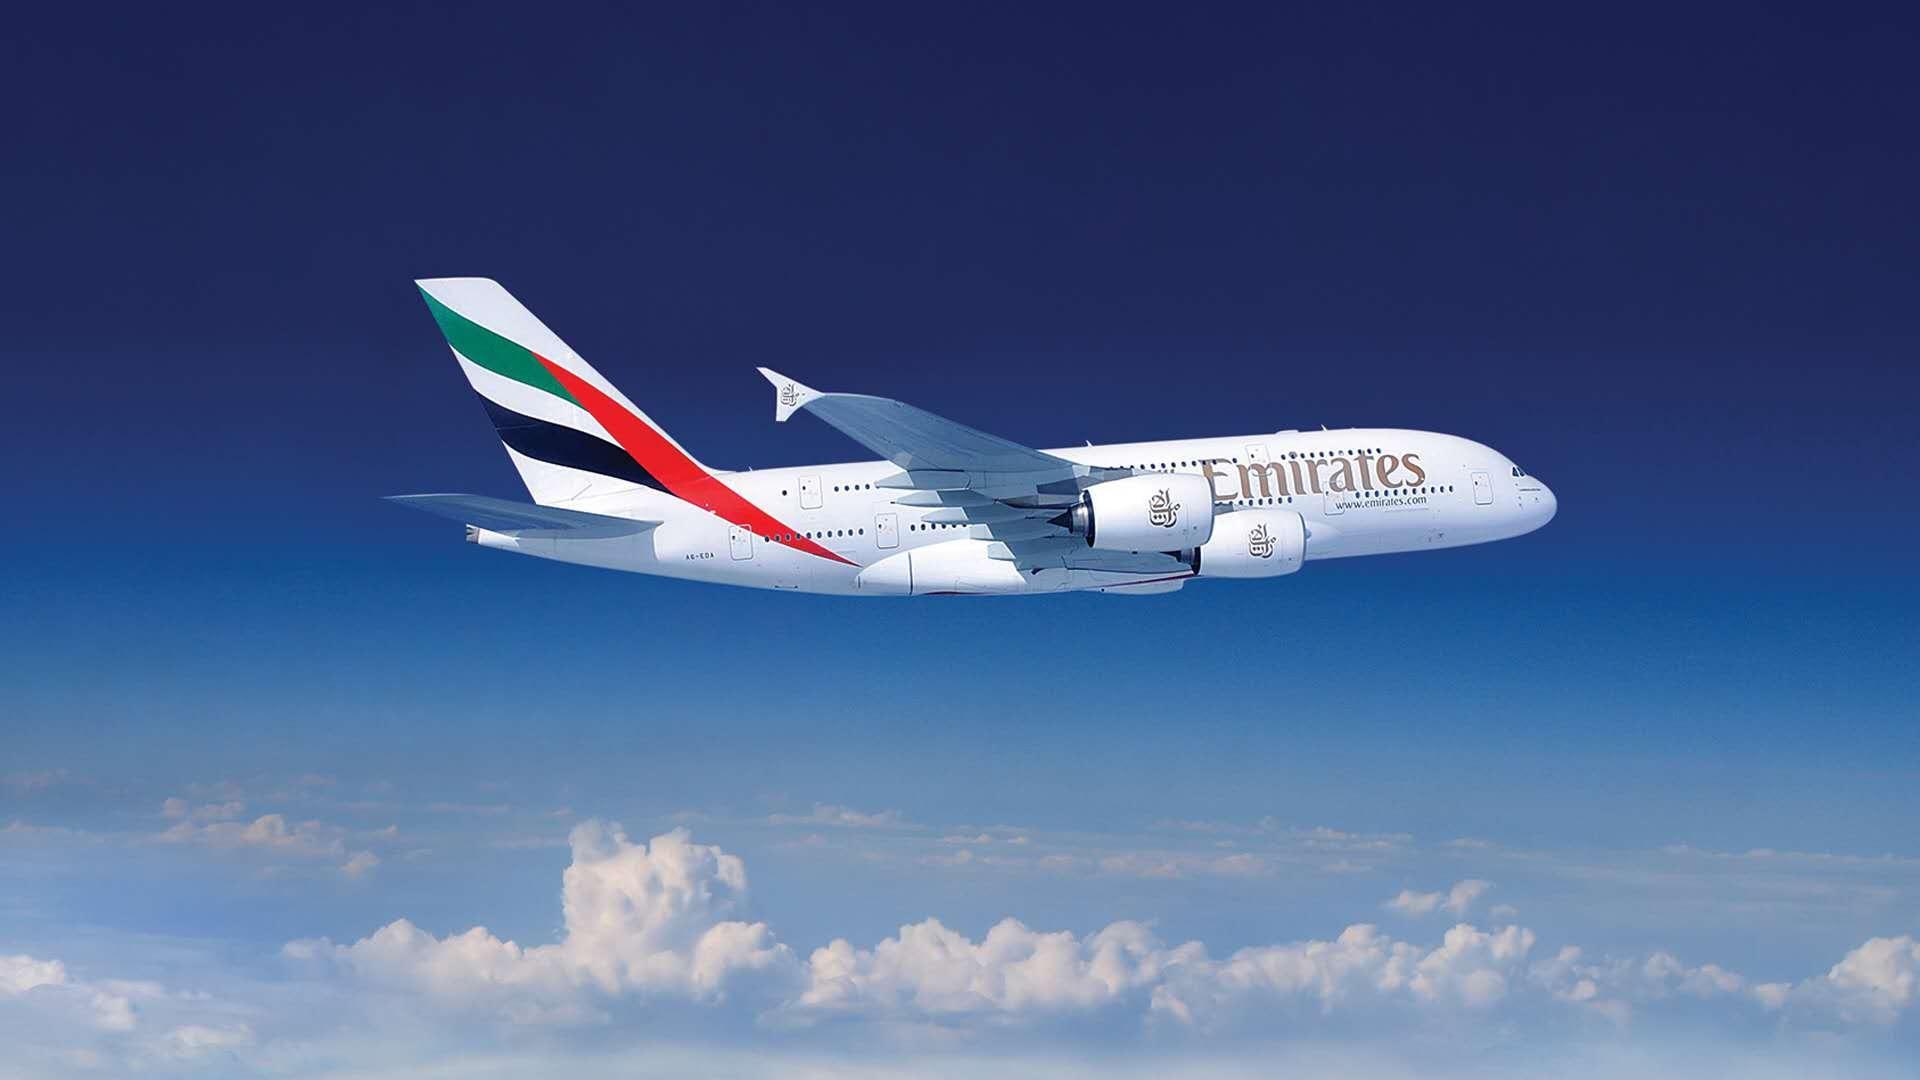 首家!阿联酋航空为其乘客支付新冠相关医疗费用